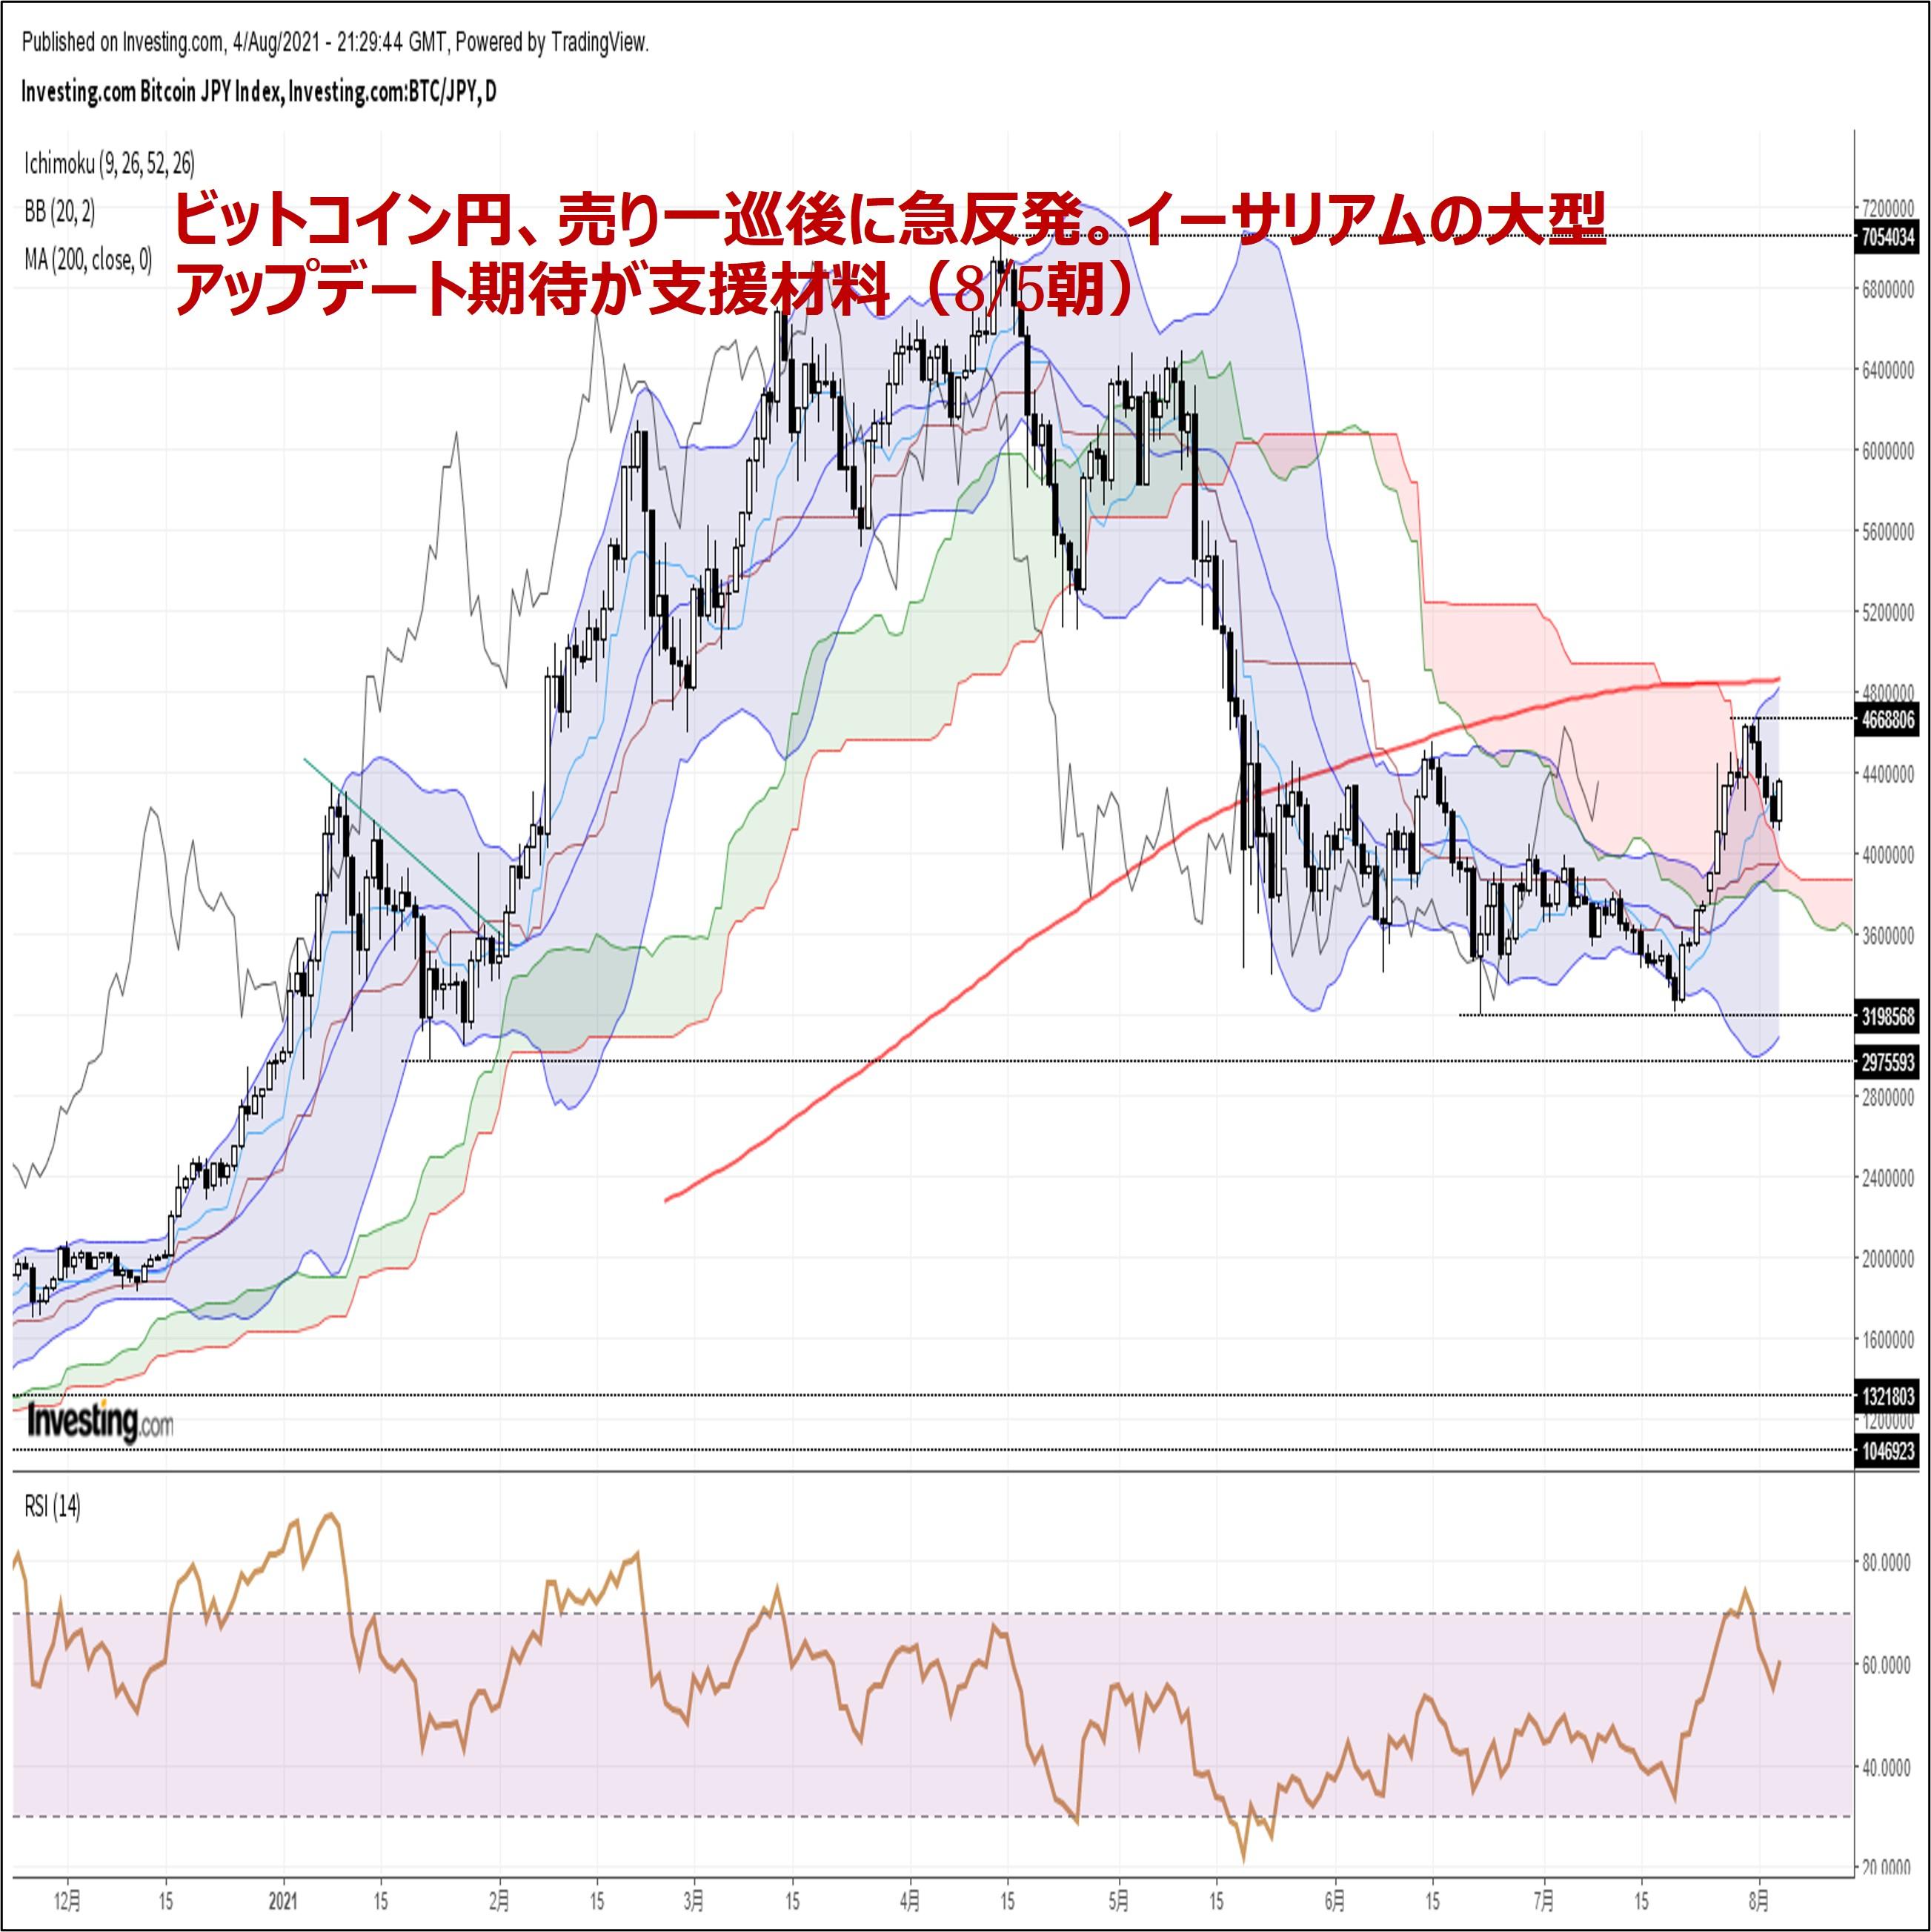 ビットコイン円、売り一巡後に急反発。イーサリアムの大型アップデート期待が支援材料(8/5朝)